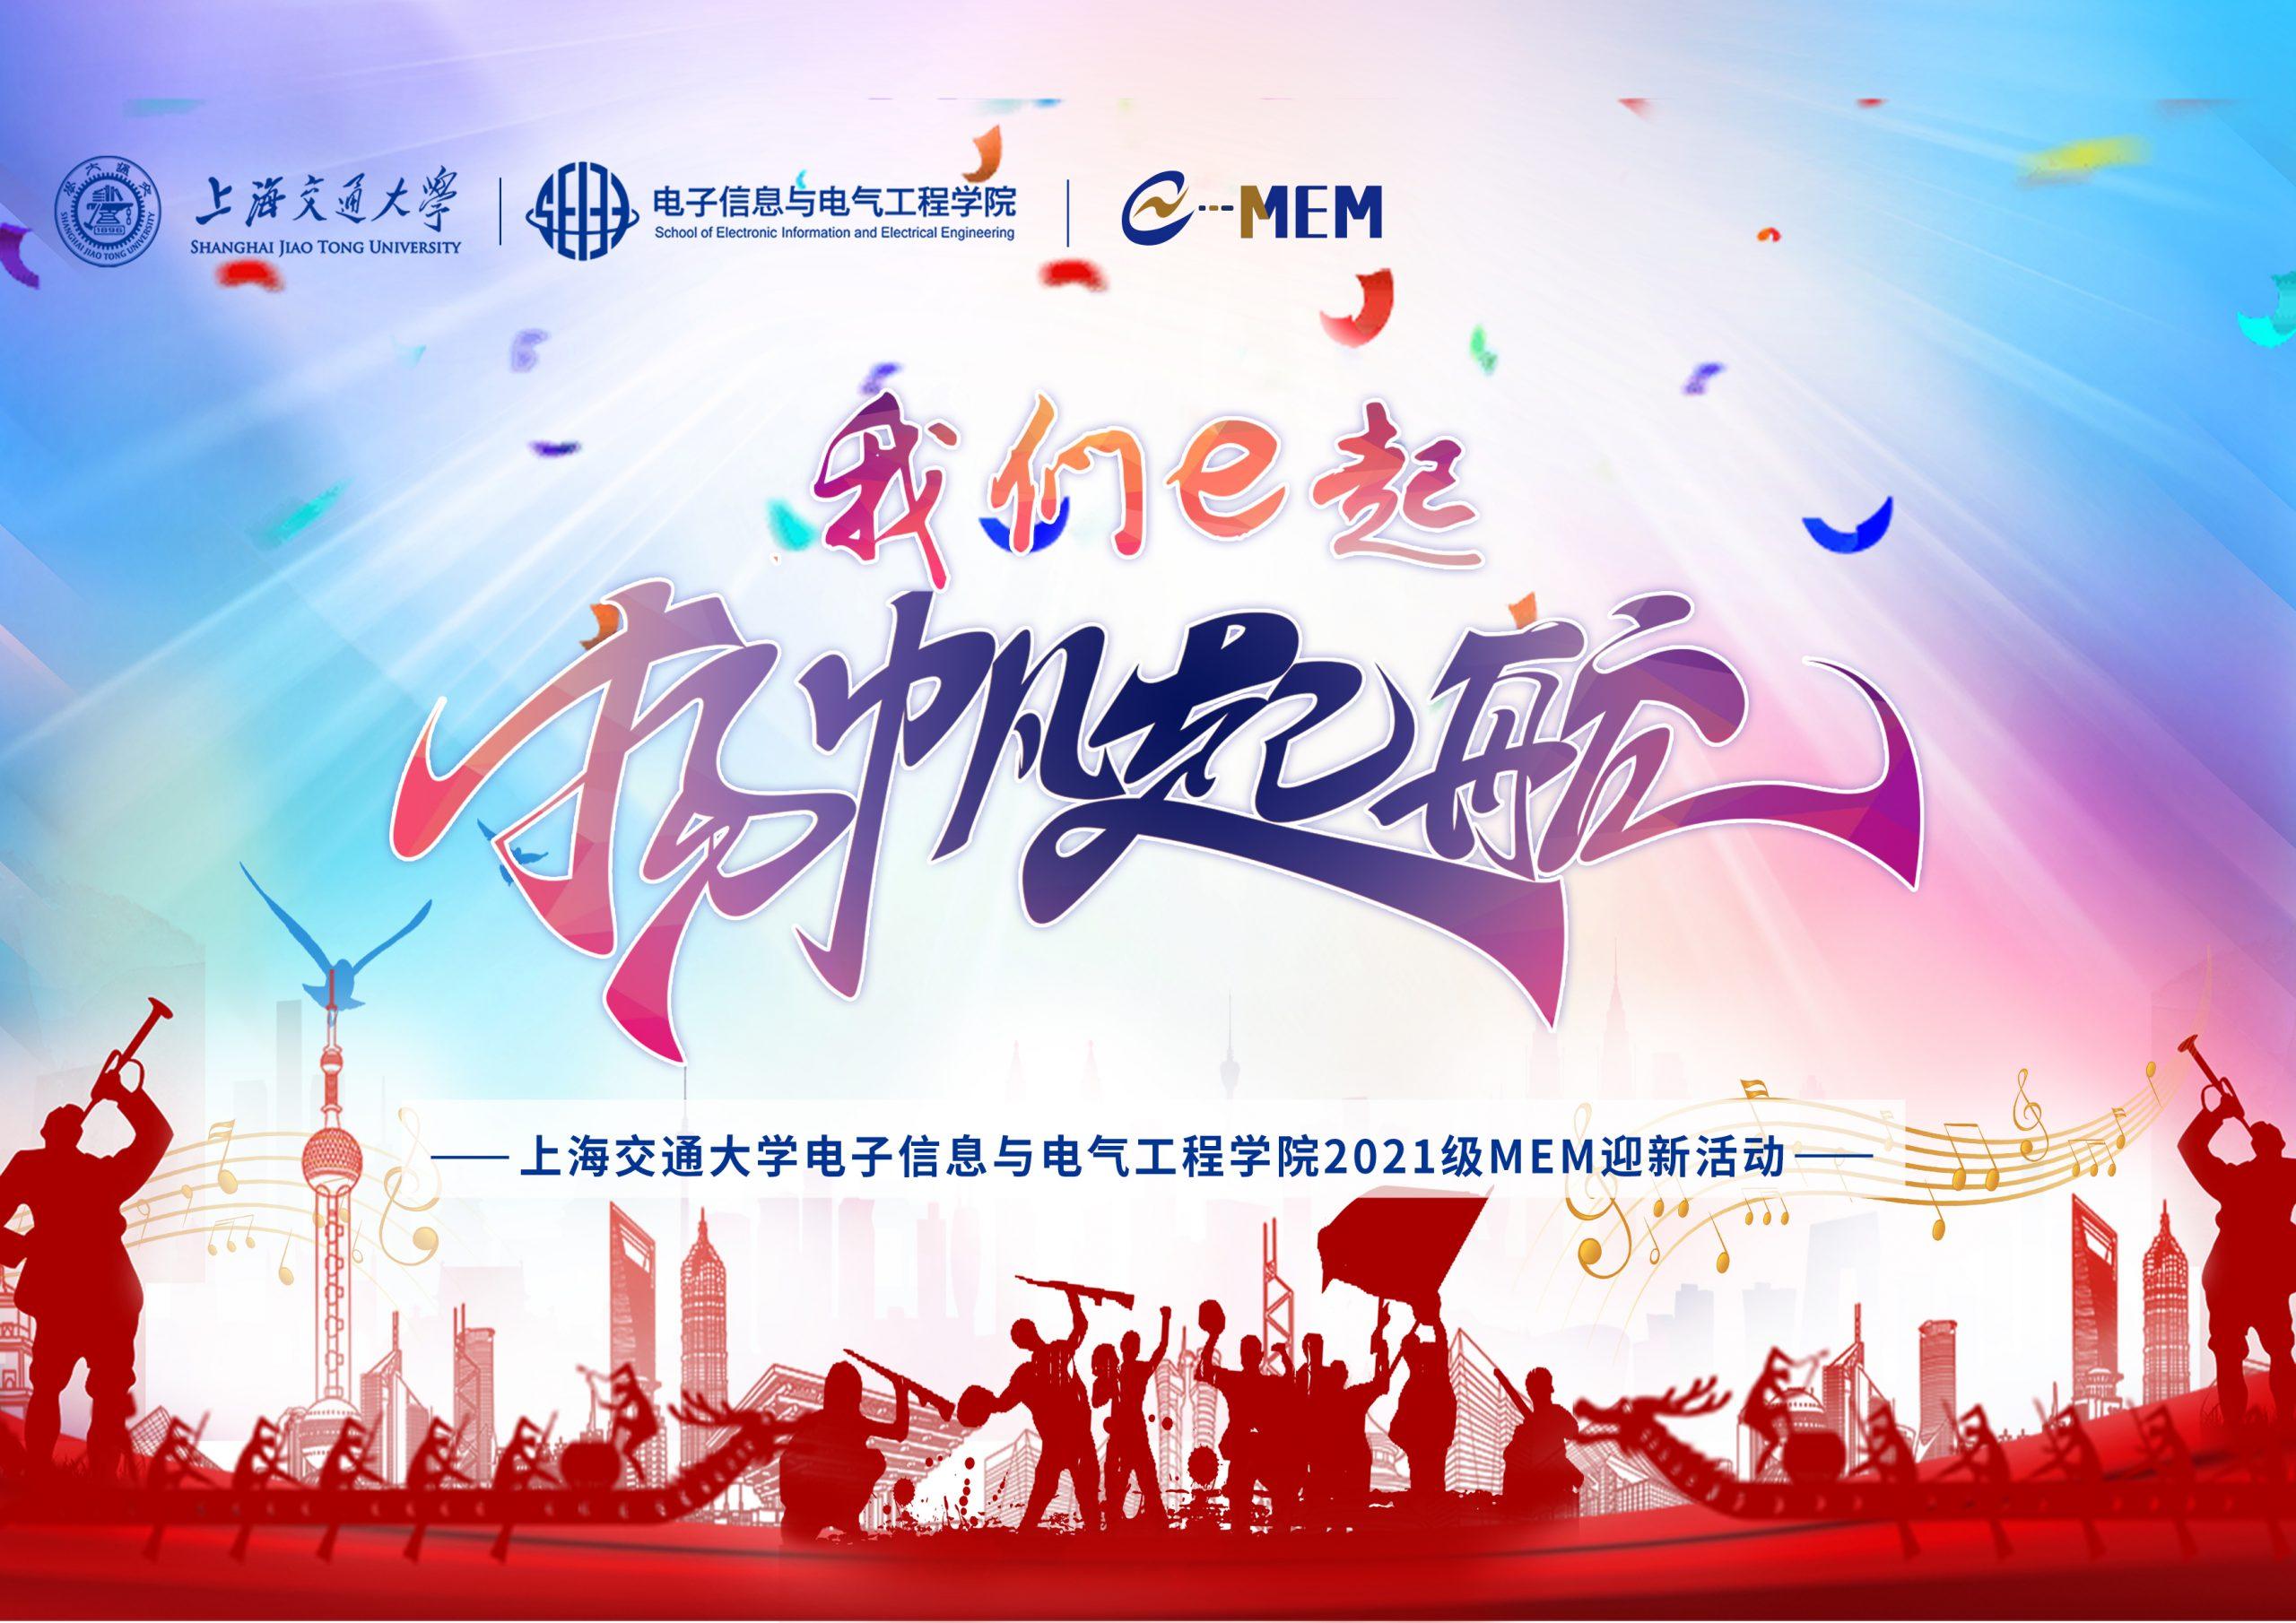 我们e起扬帆起航——上海交通大学电子信息与电气工程学院2021级MEM迎新活动